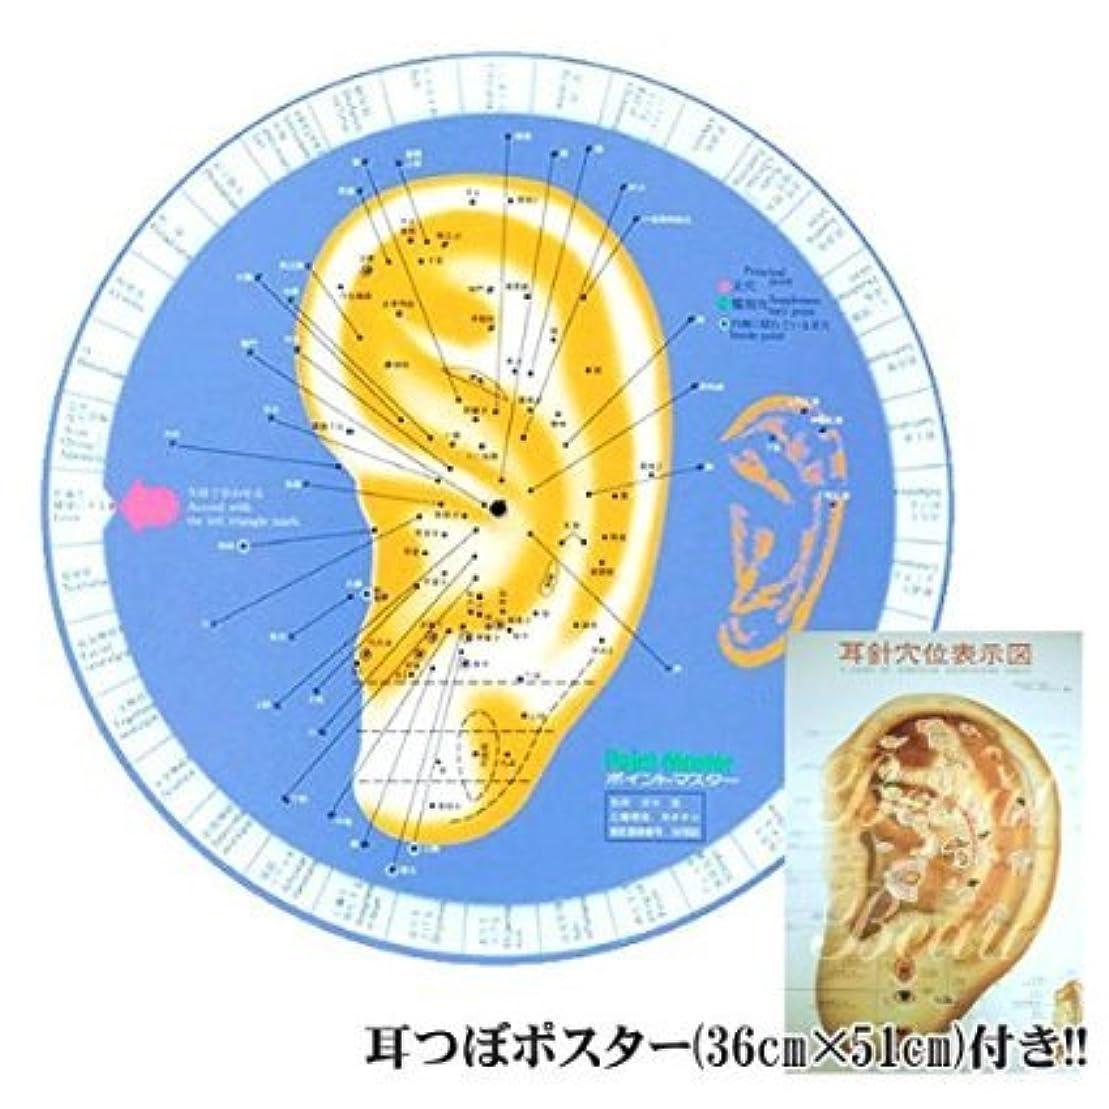 メトロポリタンボウル地下鉄耳つぼ早見表(耳つぼポスター付き)